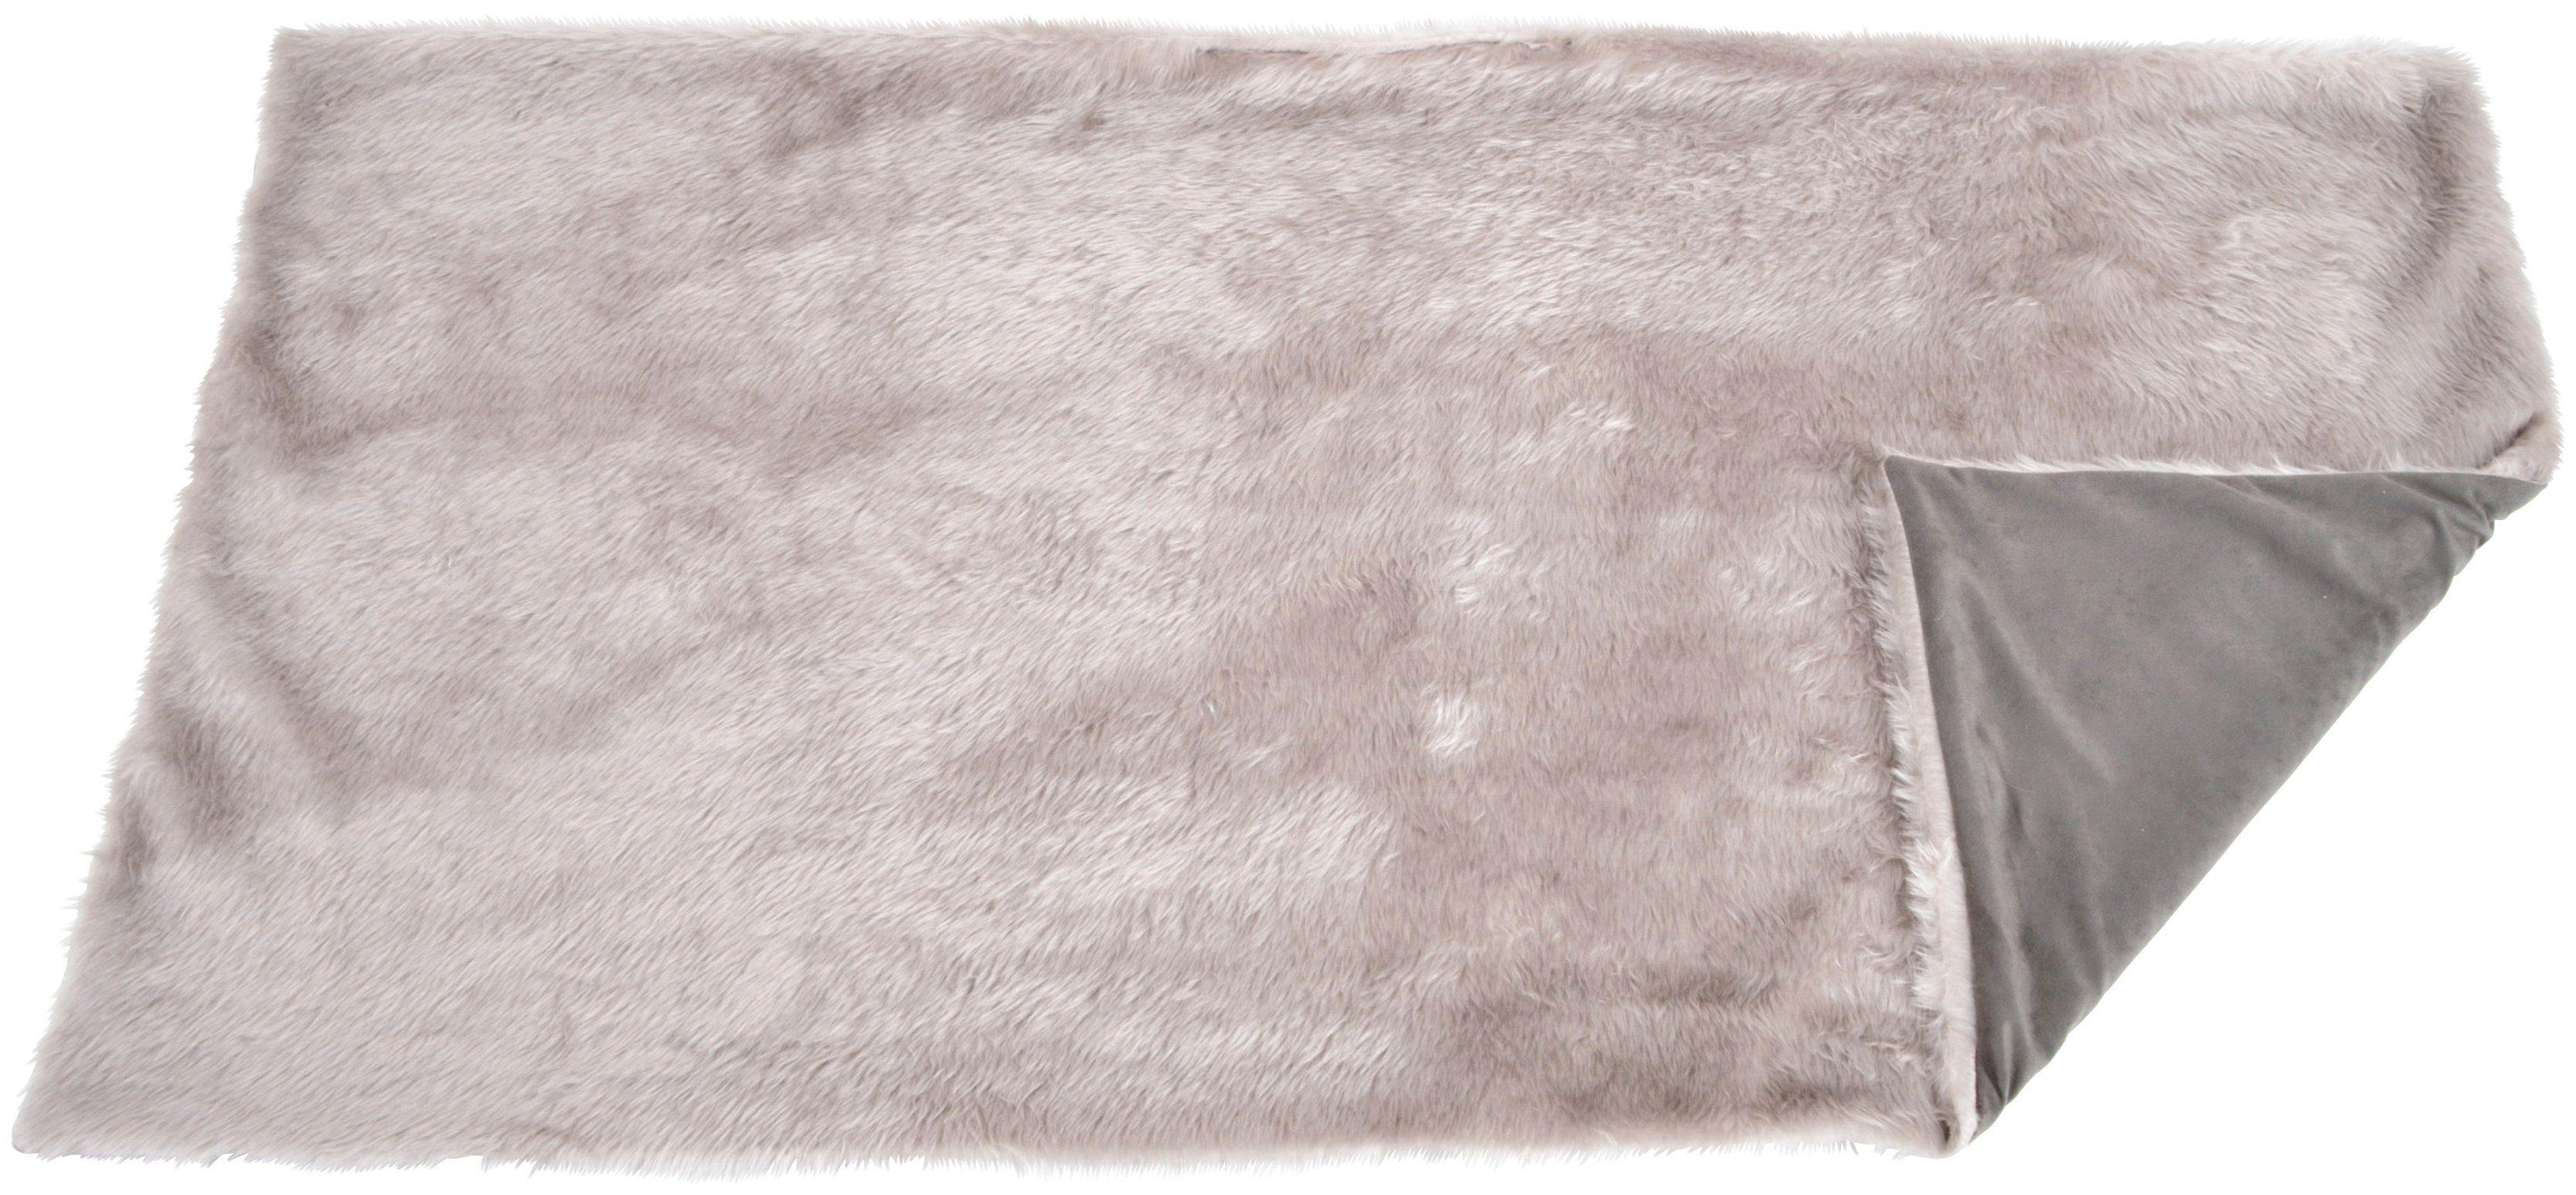 SILVIO DESIGN Hunde-Decke »Ruby Gr. 1«, BxL: 84x54 cm, grau